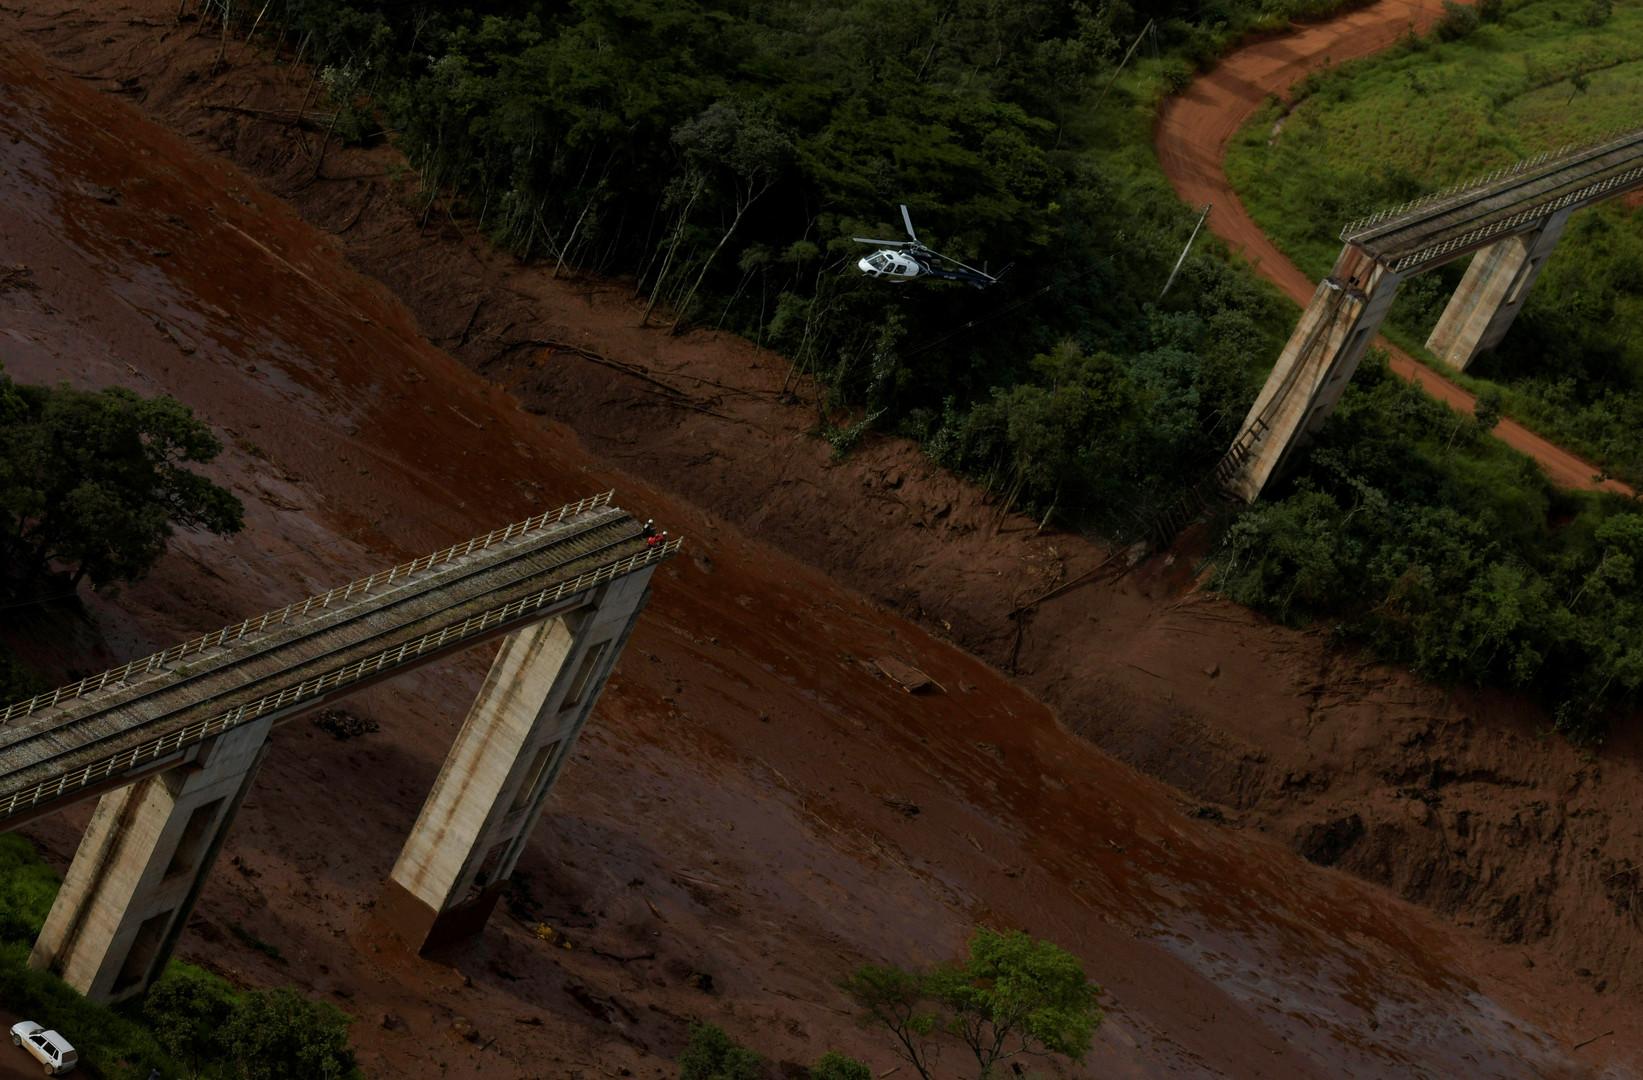 Staudamm an Eisenerzmine in Brasilien gebrochen: Mindestens neun Tote, 150 Vermisste